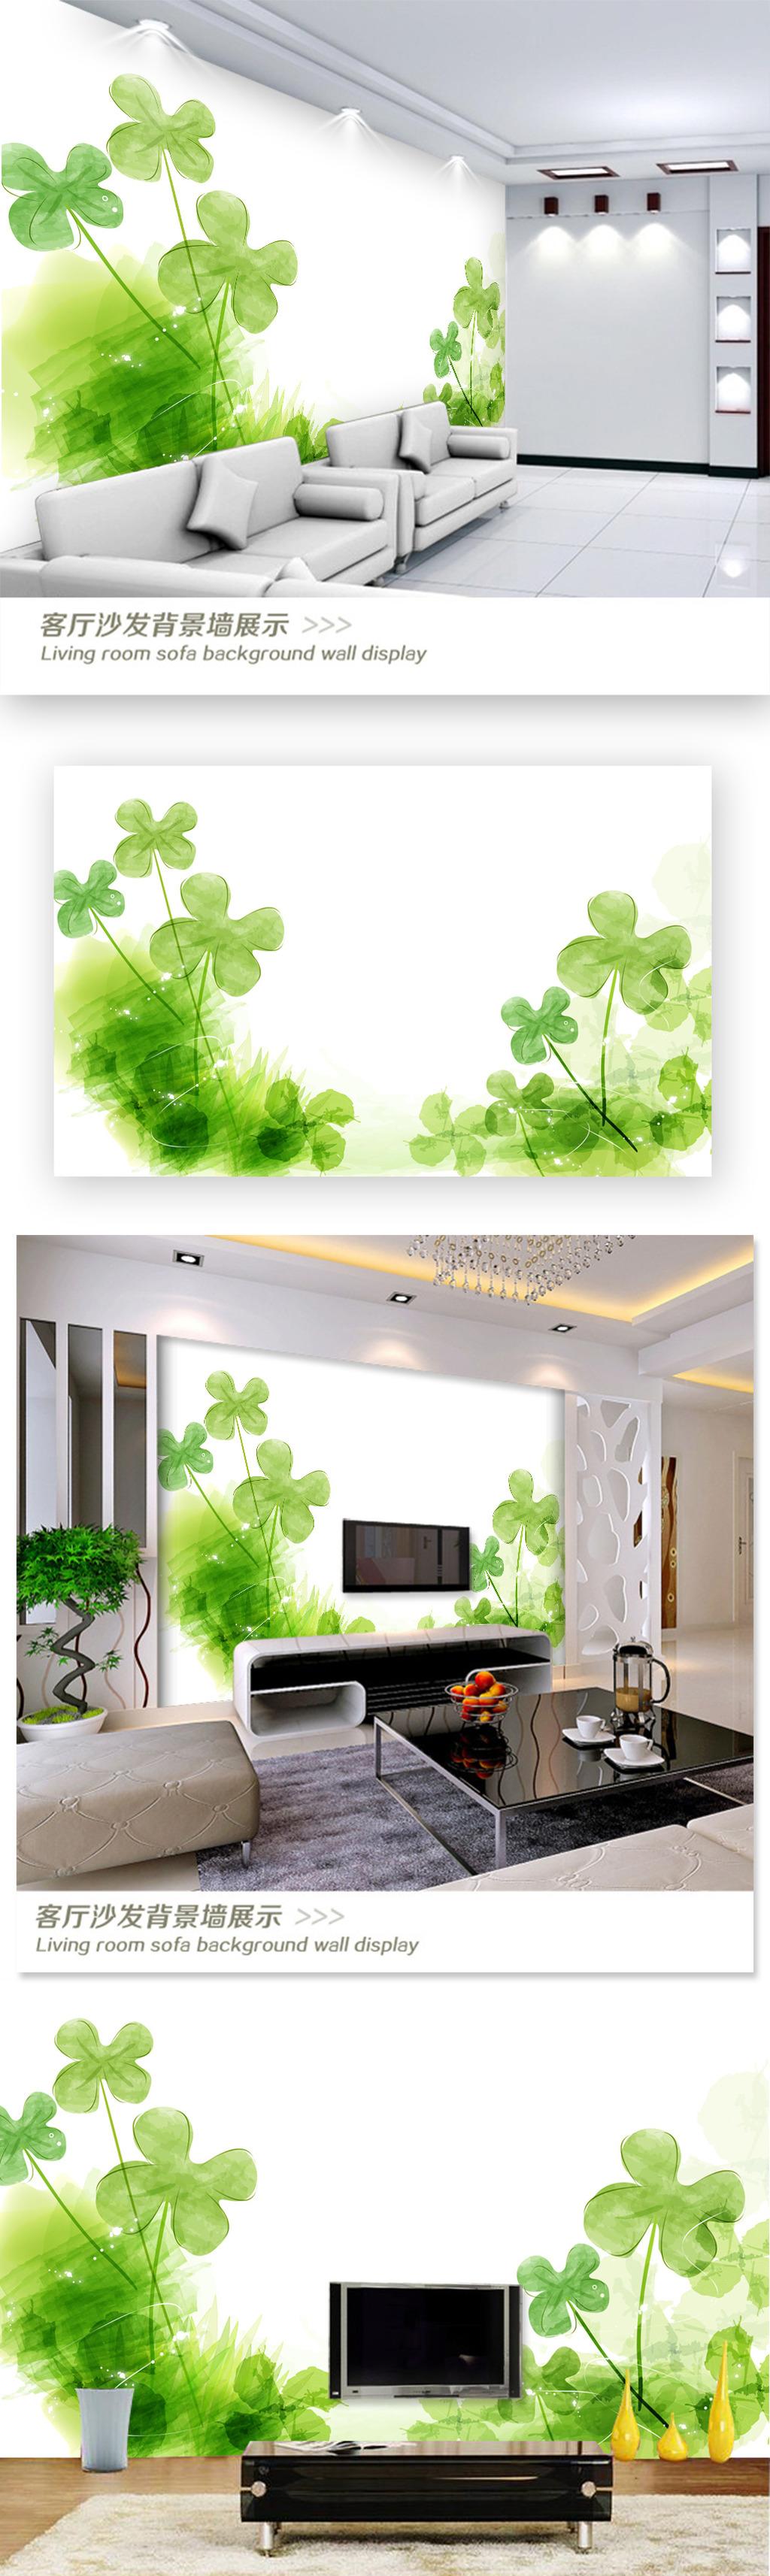 背景墙|装饰画 电视背景墙 手绘电视背景墙 > 幸福四叶草清新绿叶电视